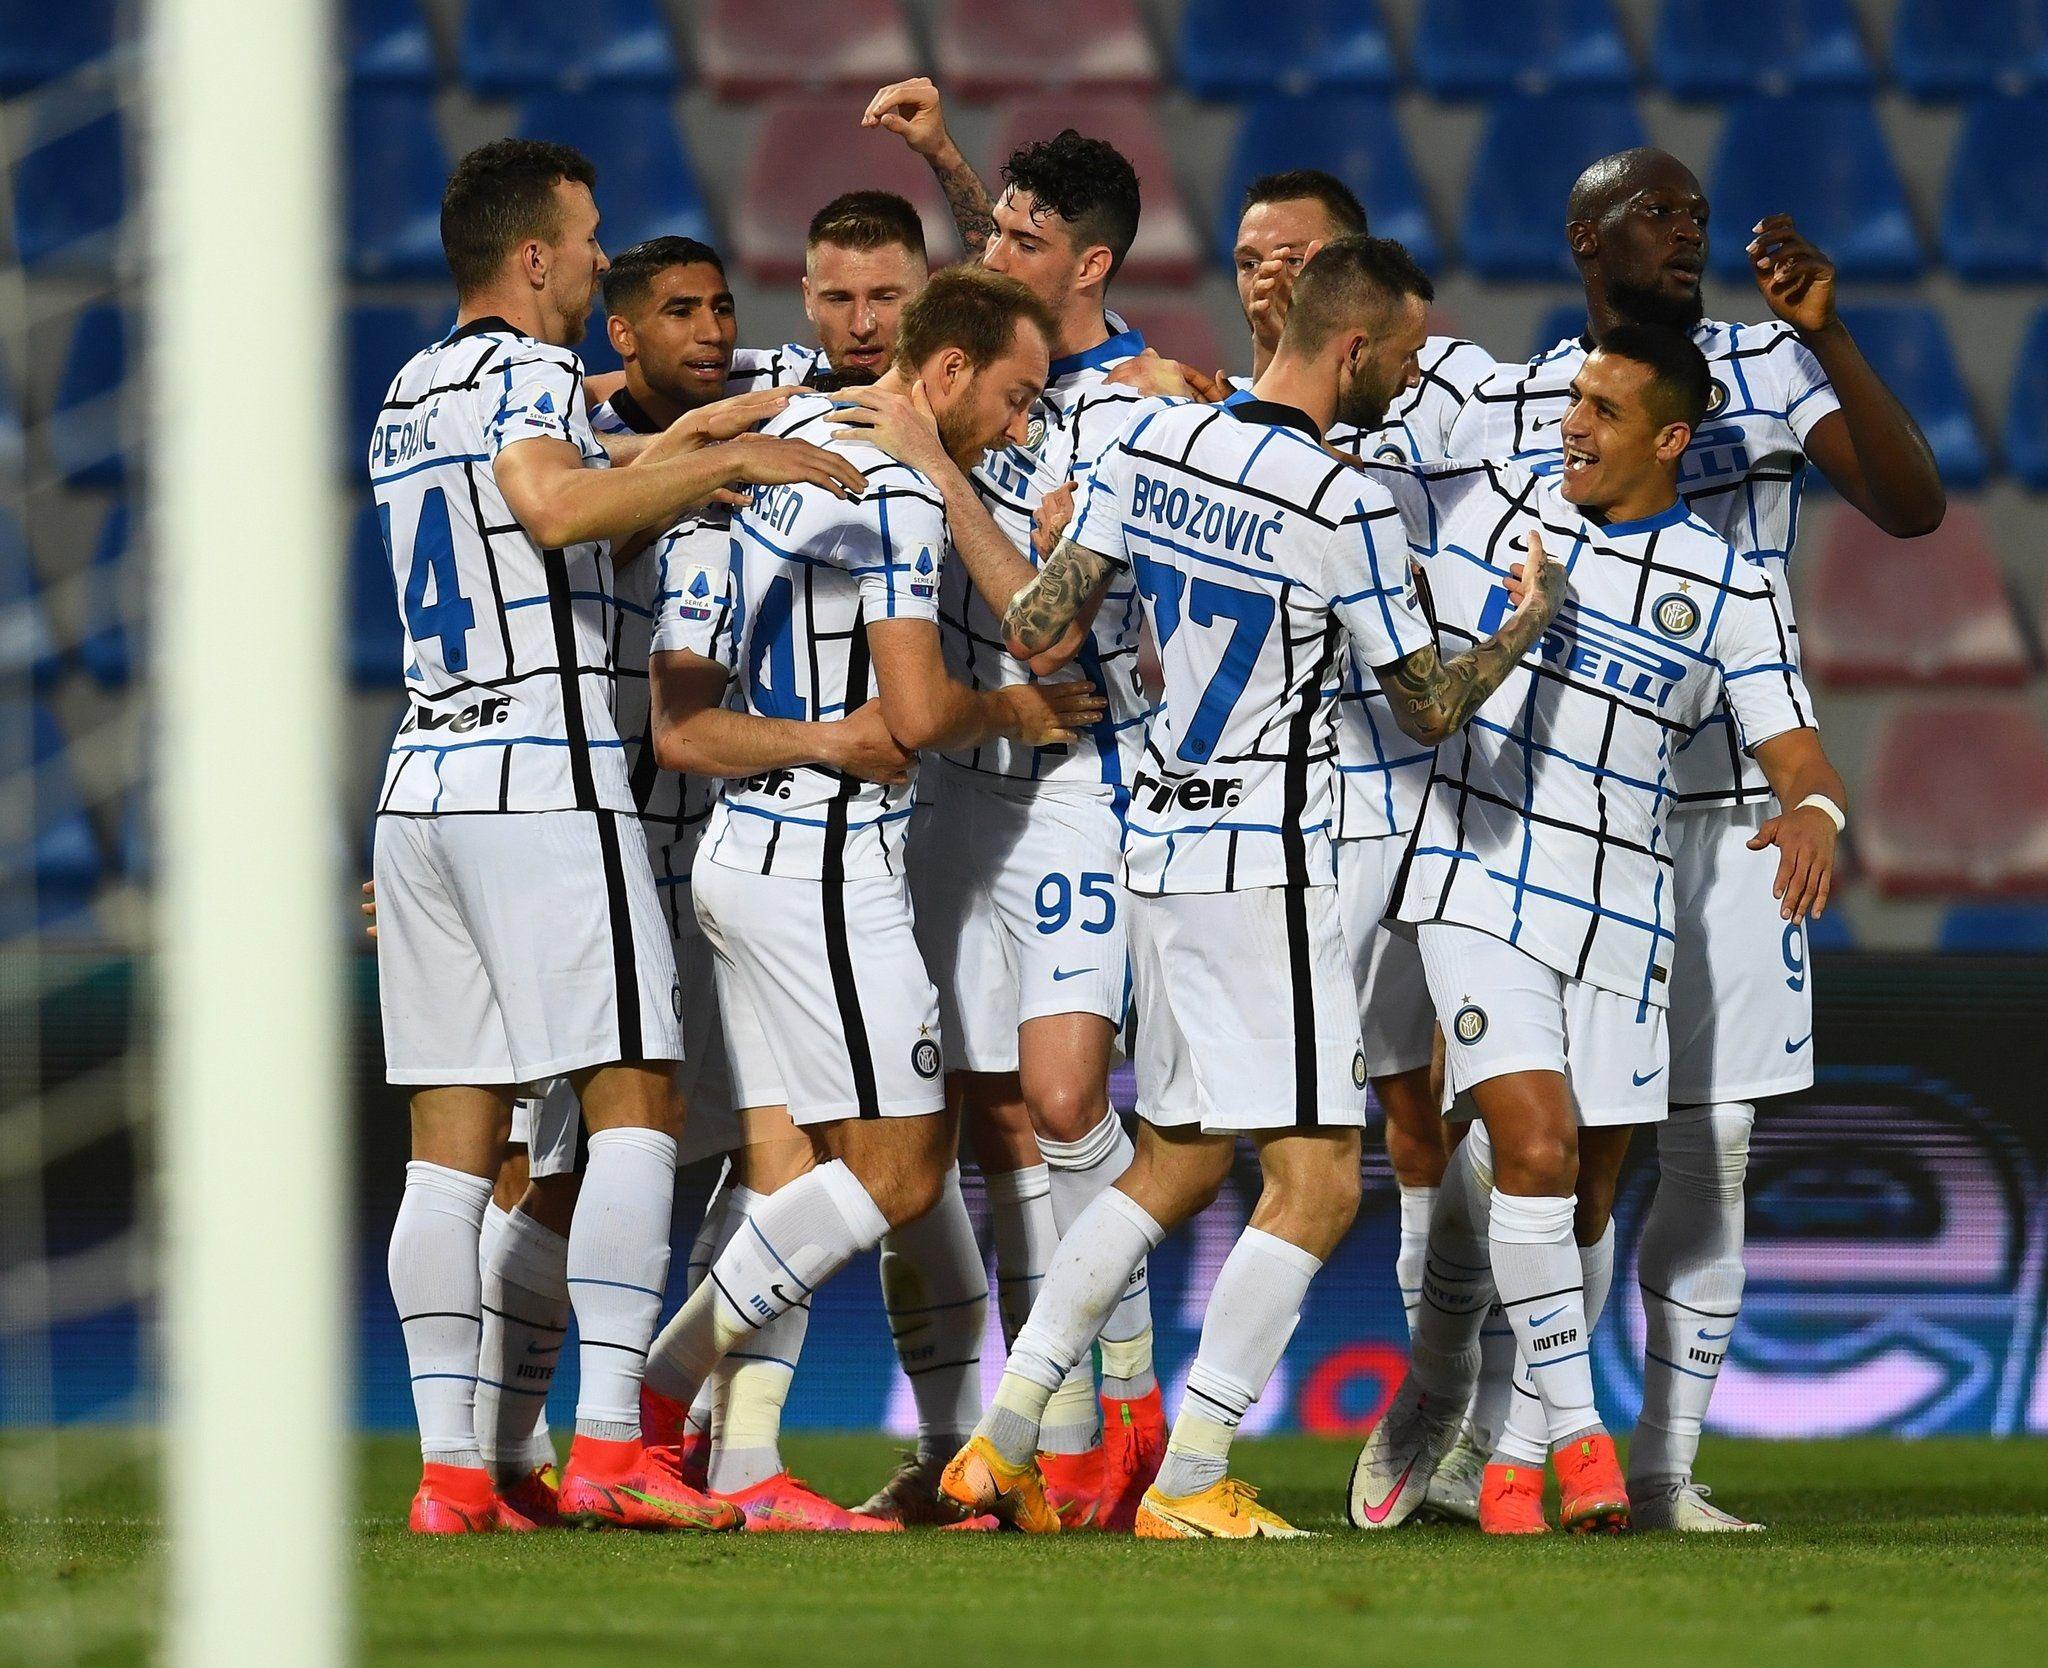 L'Inter è stata la campionessa inaugurale con quattro turni - Foto: Twitter